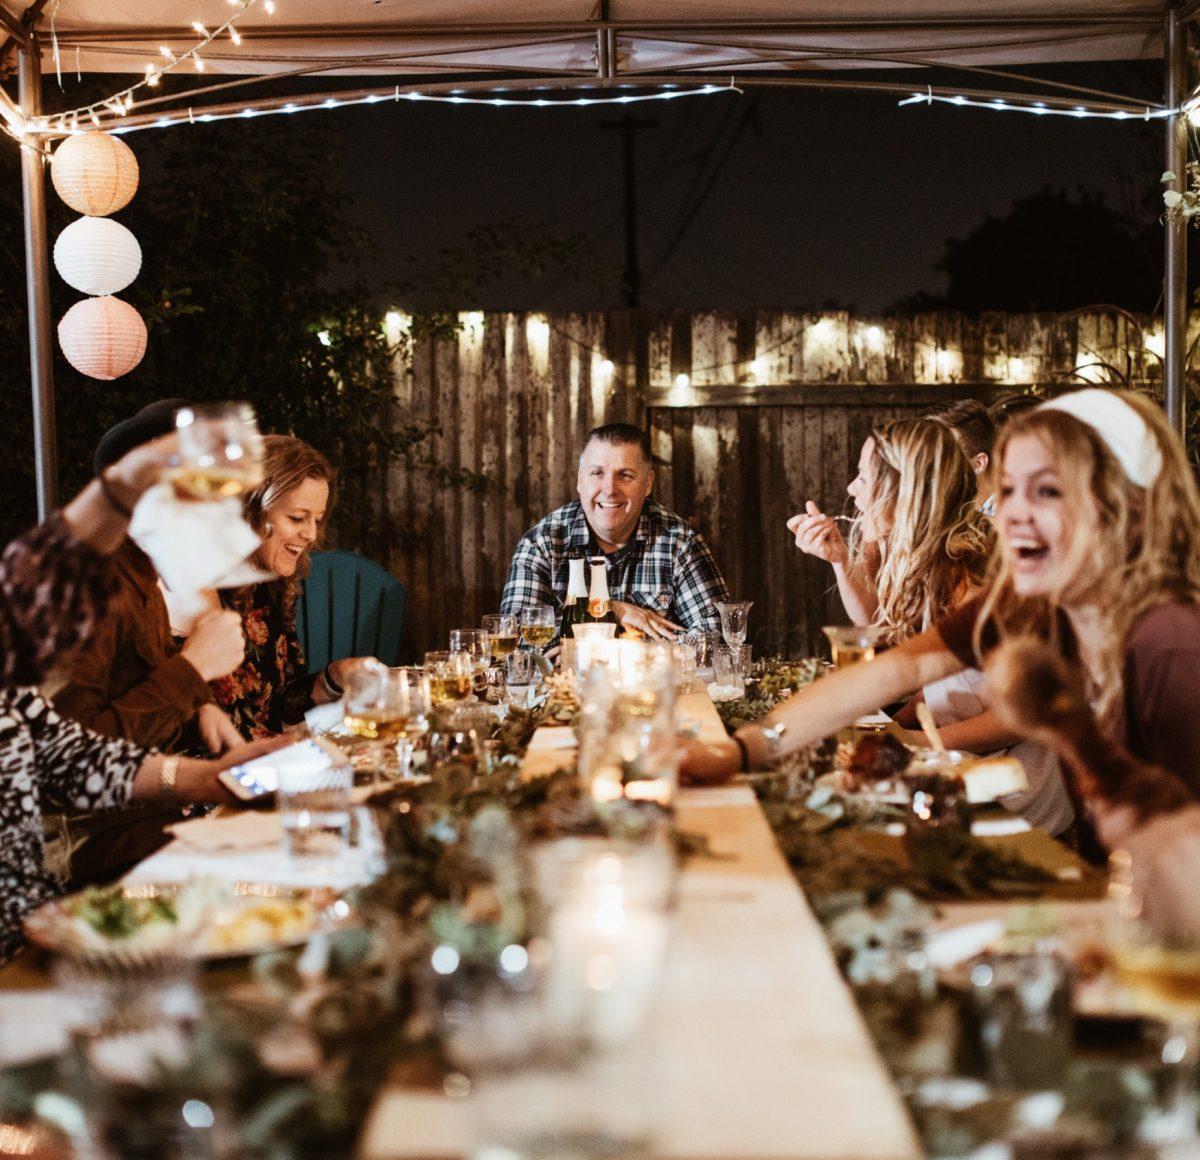 Joyful eating - family enjoying holiday meal together